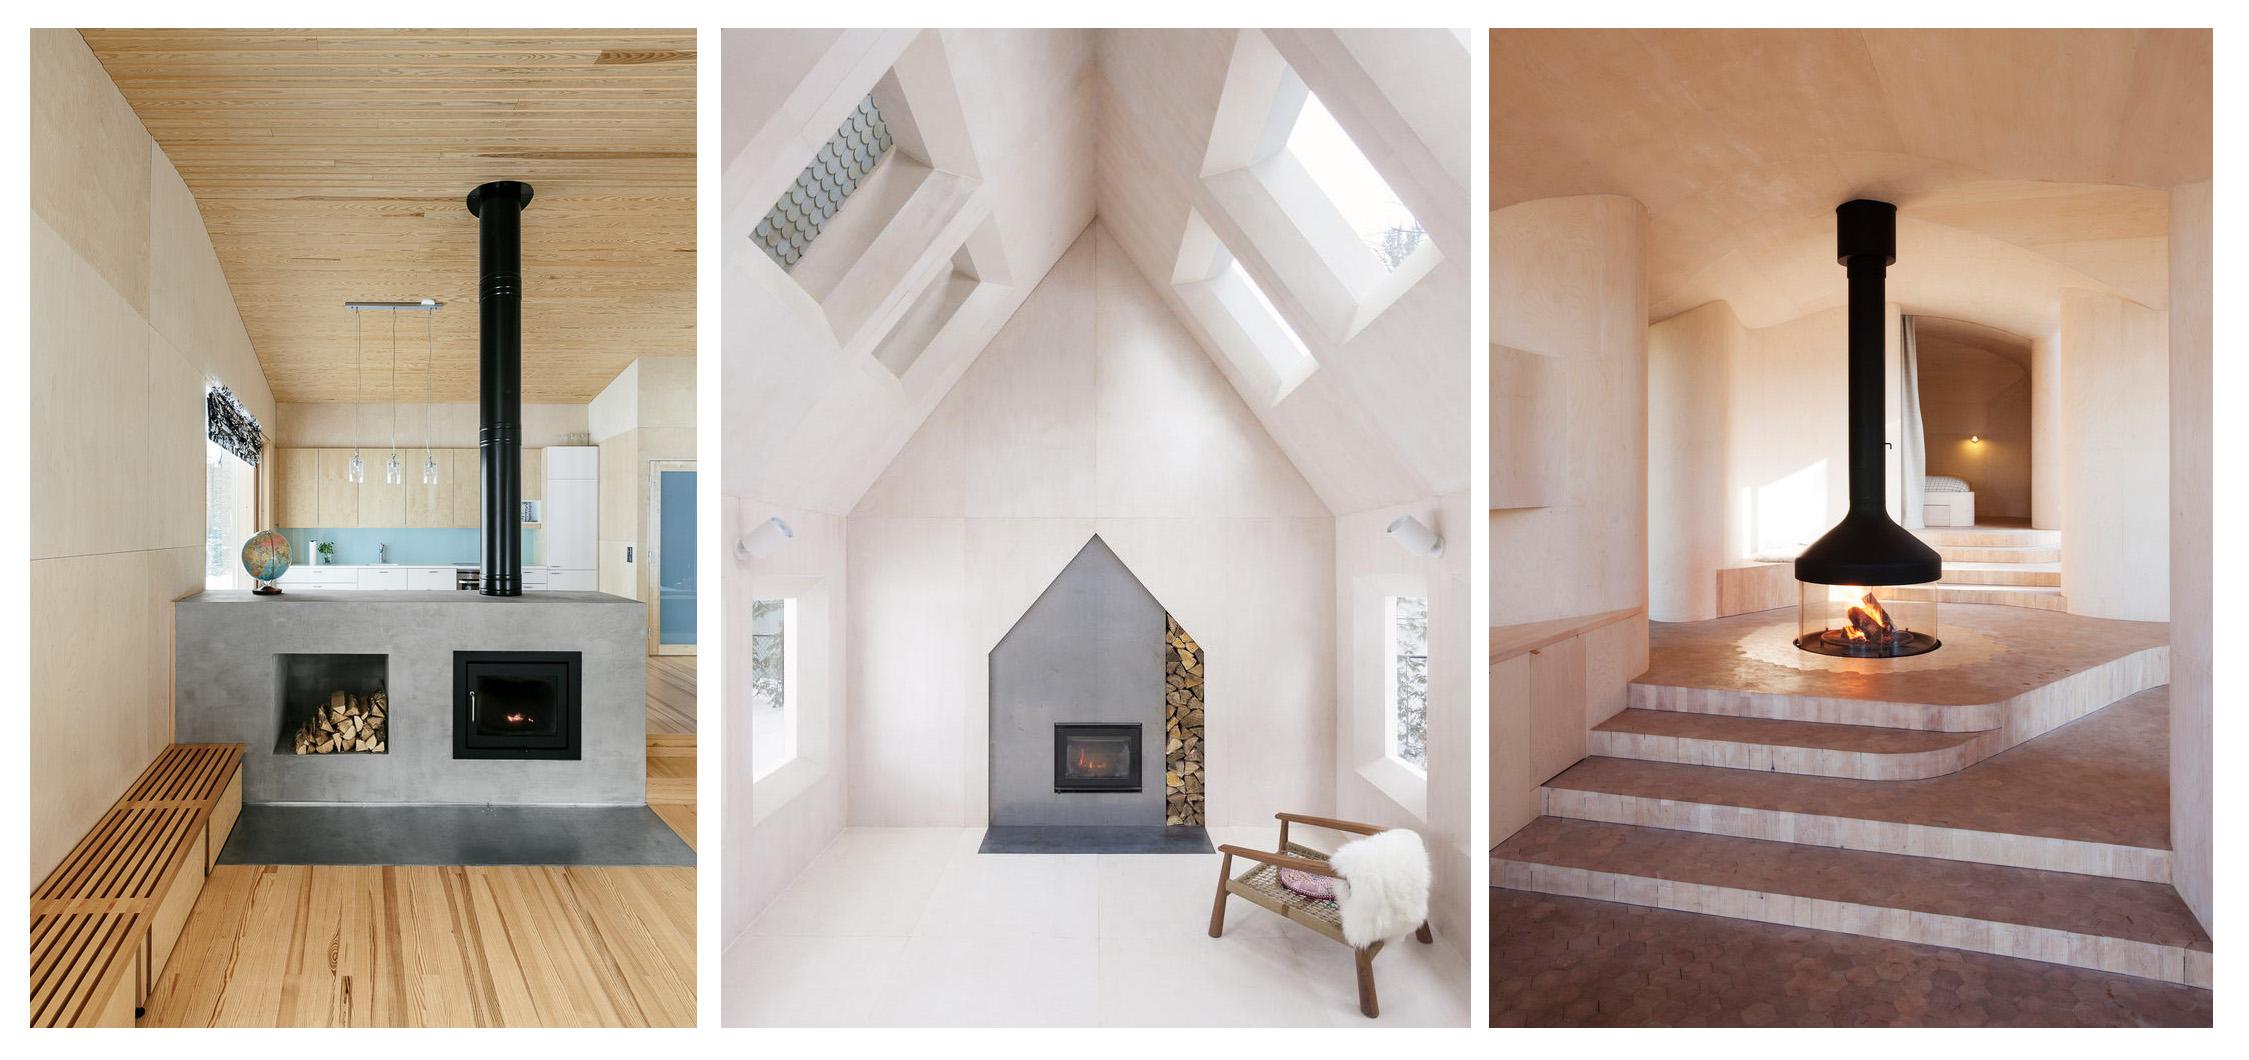 نگاهی به 35 شومینه جالب توجه در معماری (بخش اول)